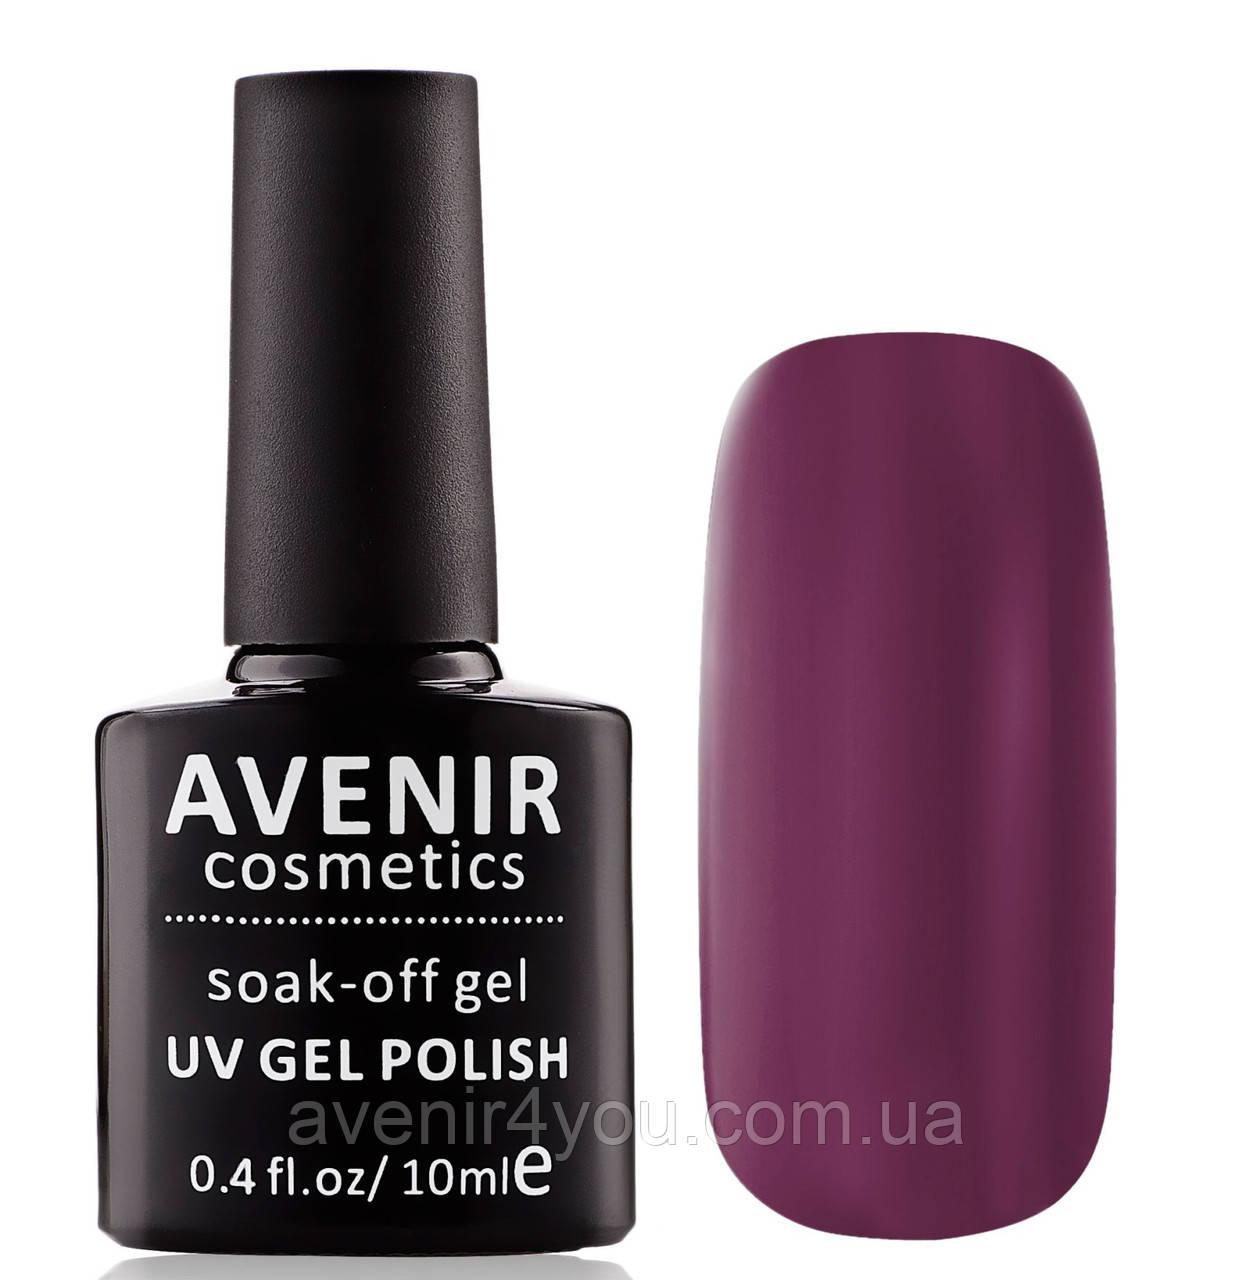 Гель-лак AVENIR Cosmetics №67.Пыльно-сливовый